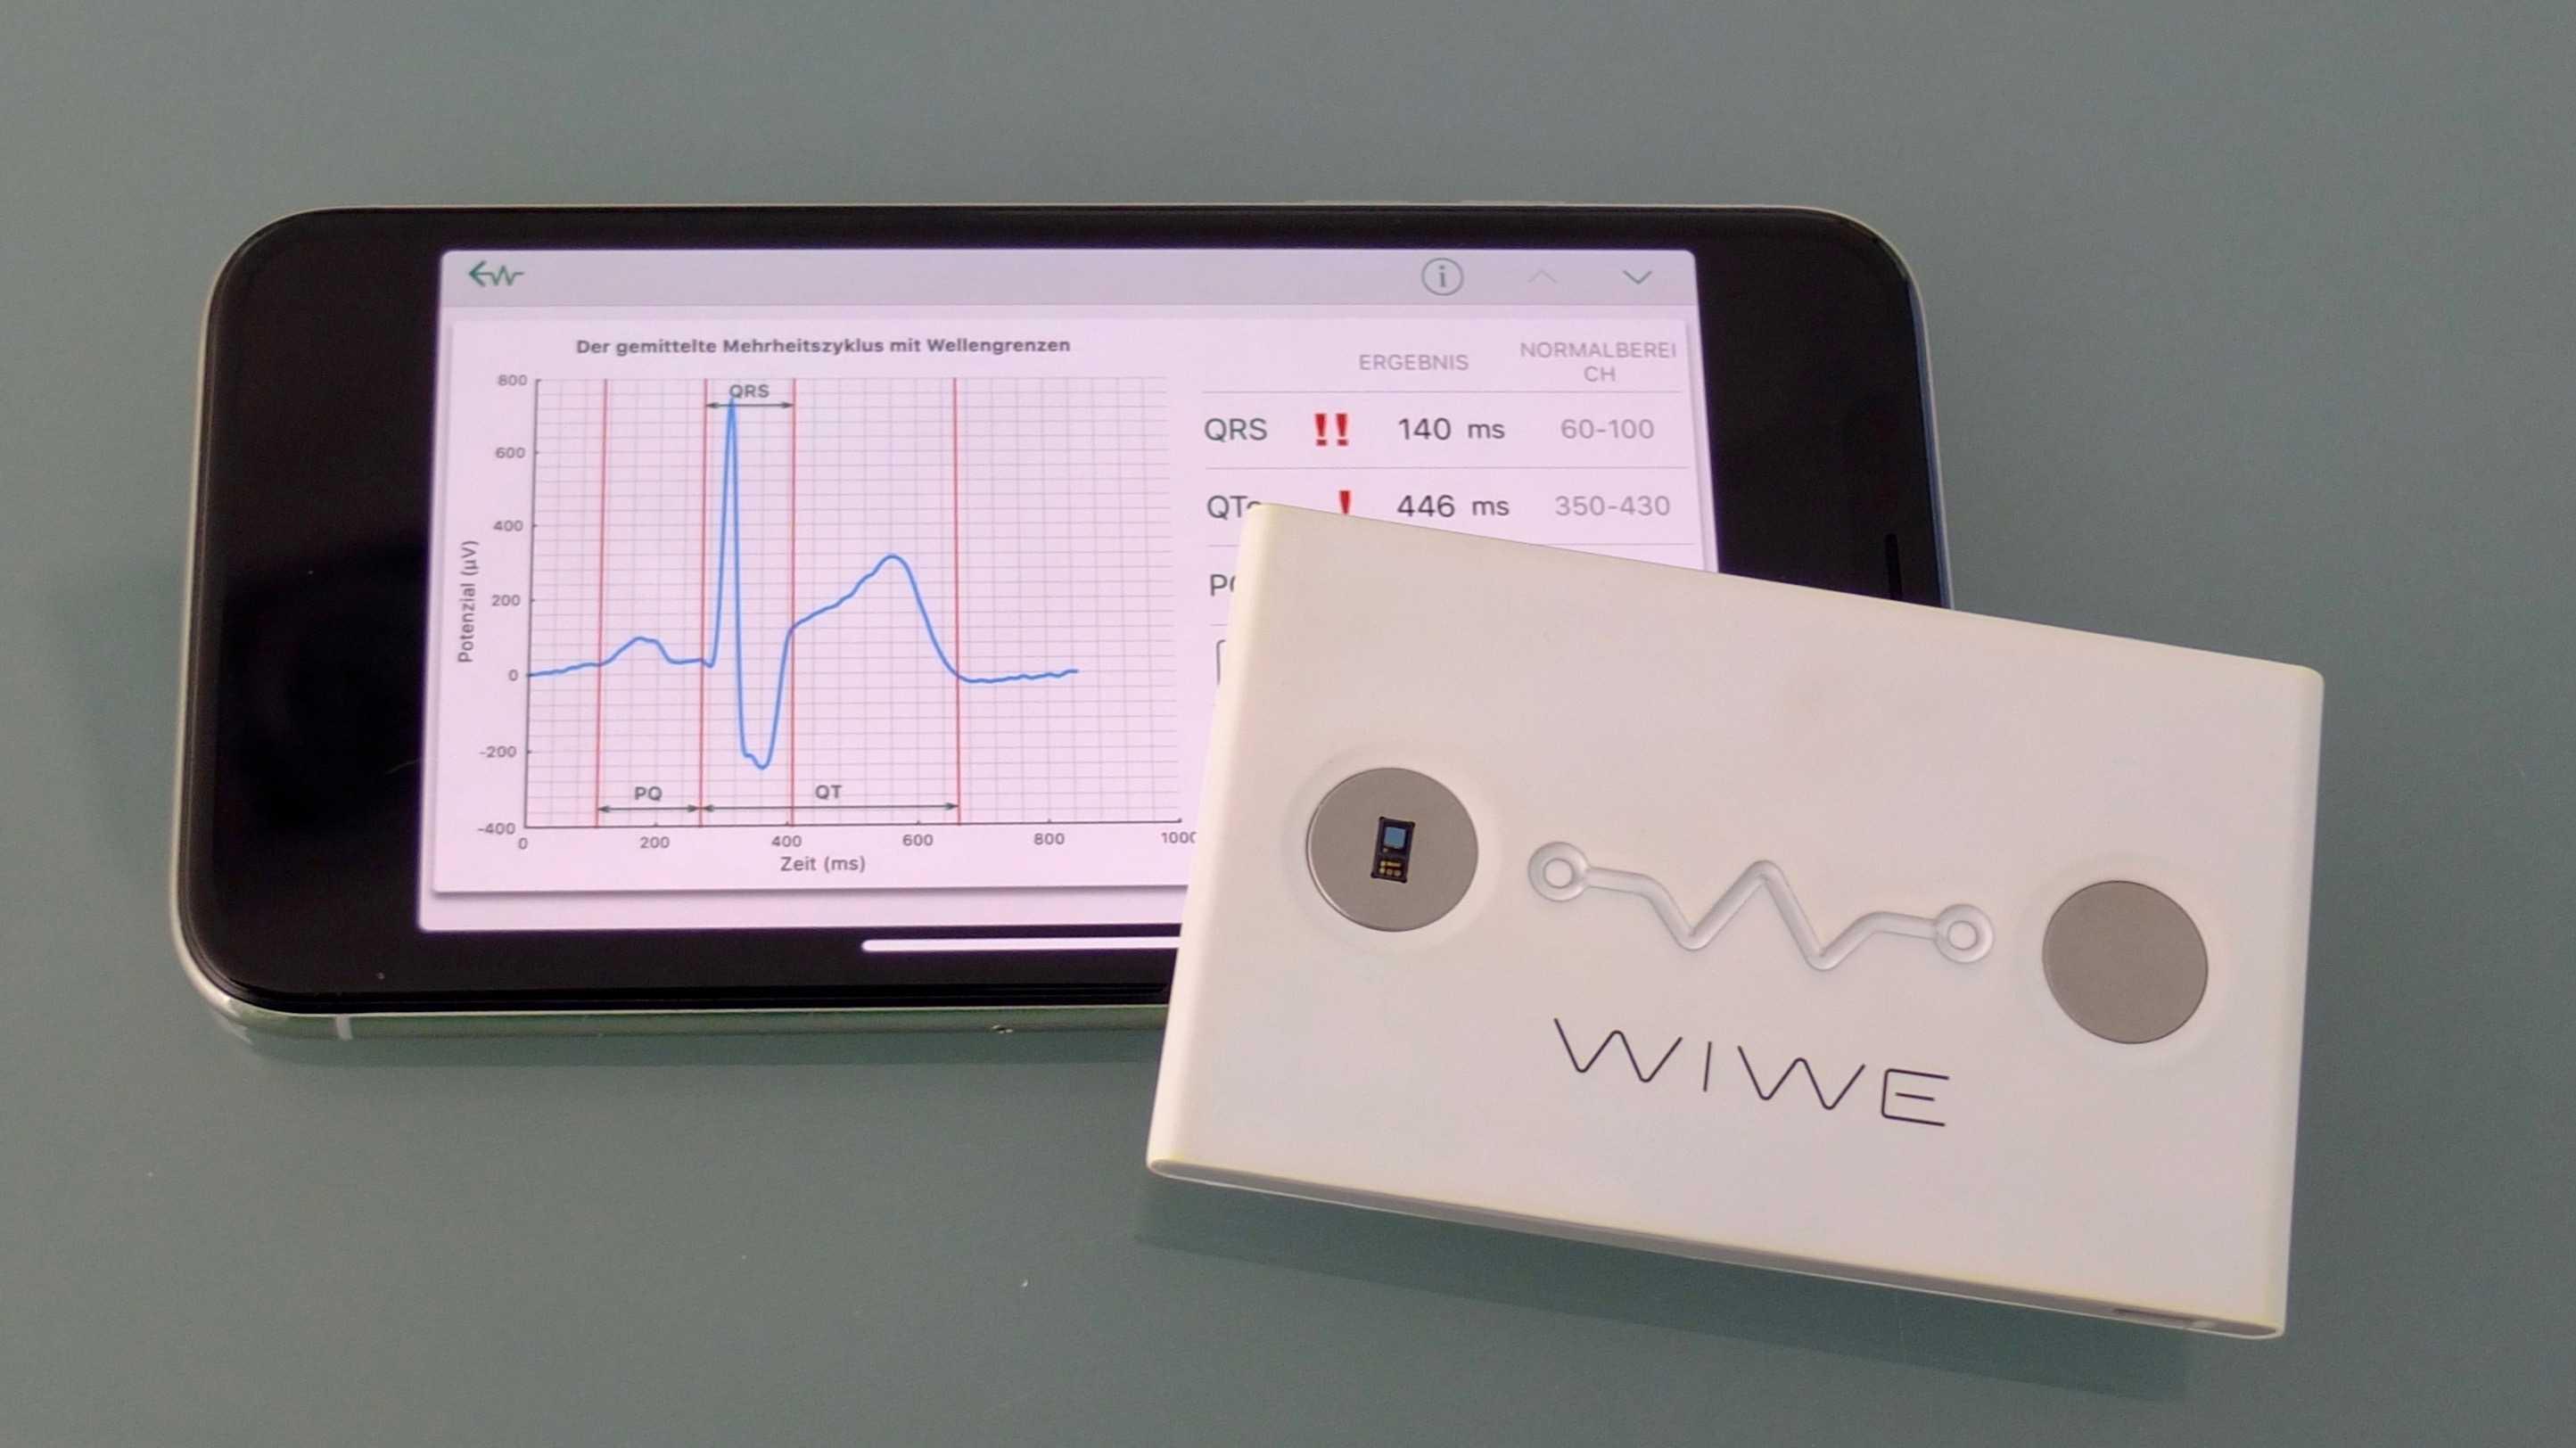 WIWE: Mobiles EKG für Android oder iPhone